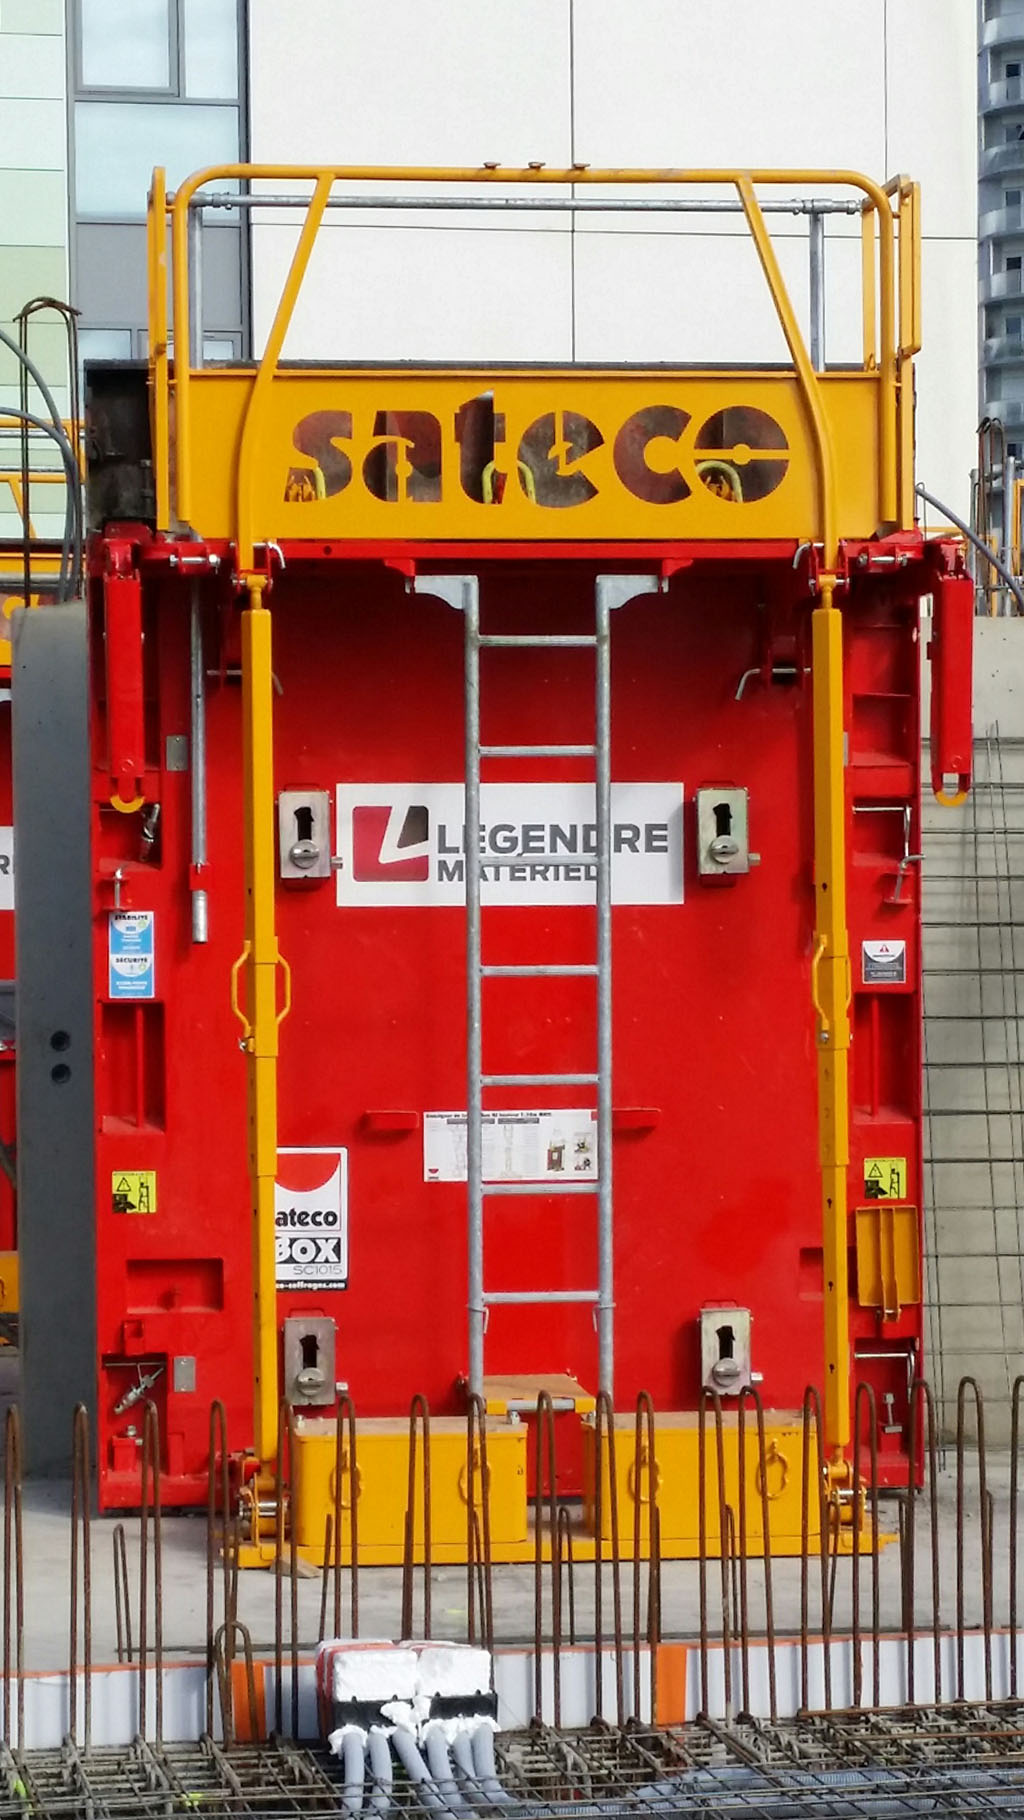 Banche SC 1015 BOX RS - CHANTIER LEGENDRE NEW AIR